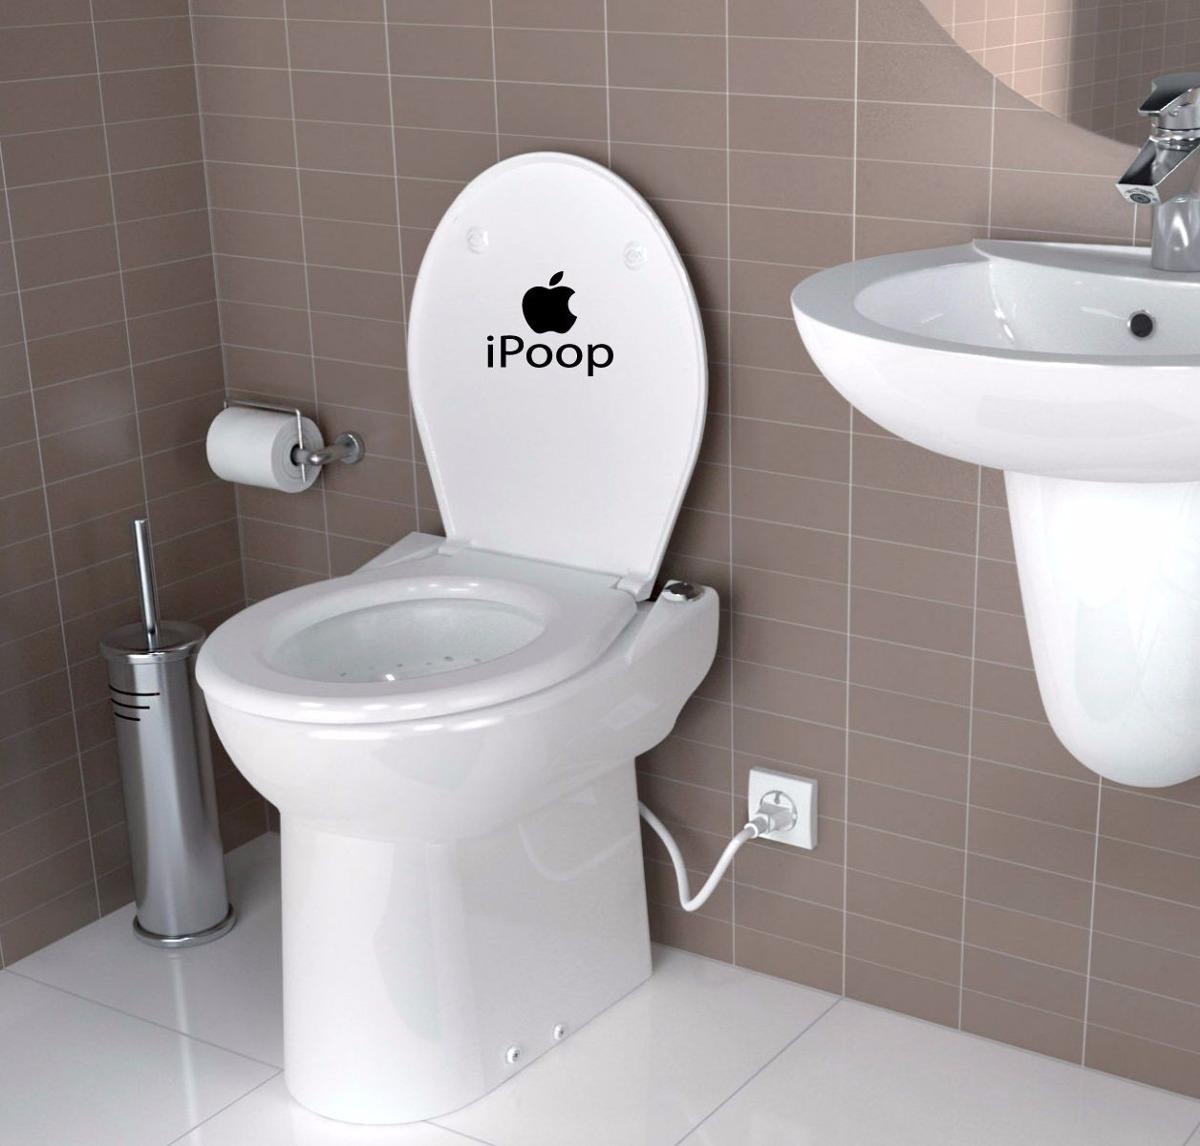 vinilos decorativos para baño - para el inodoro